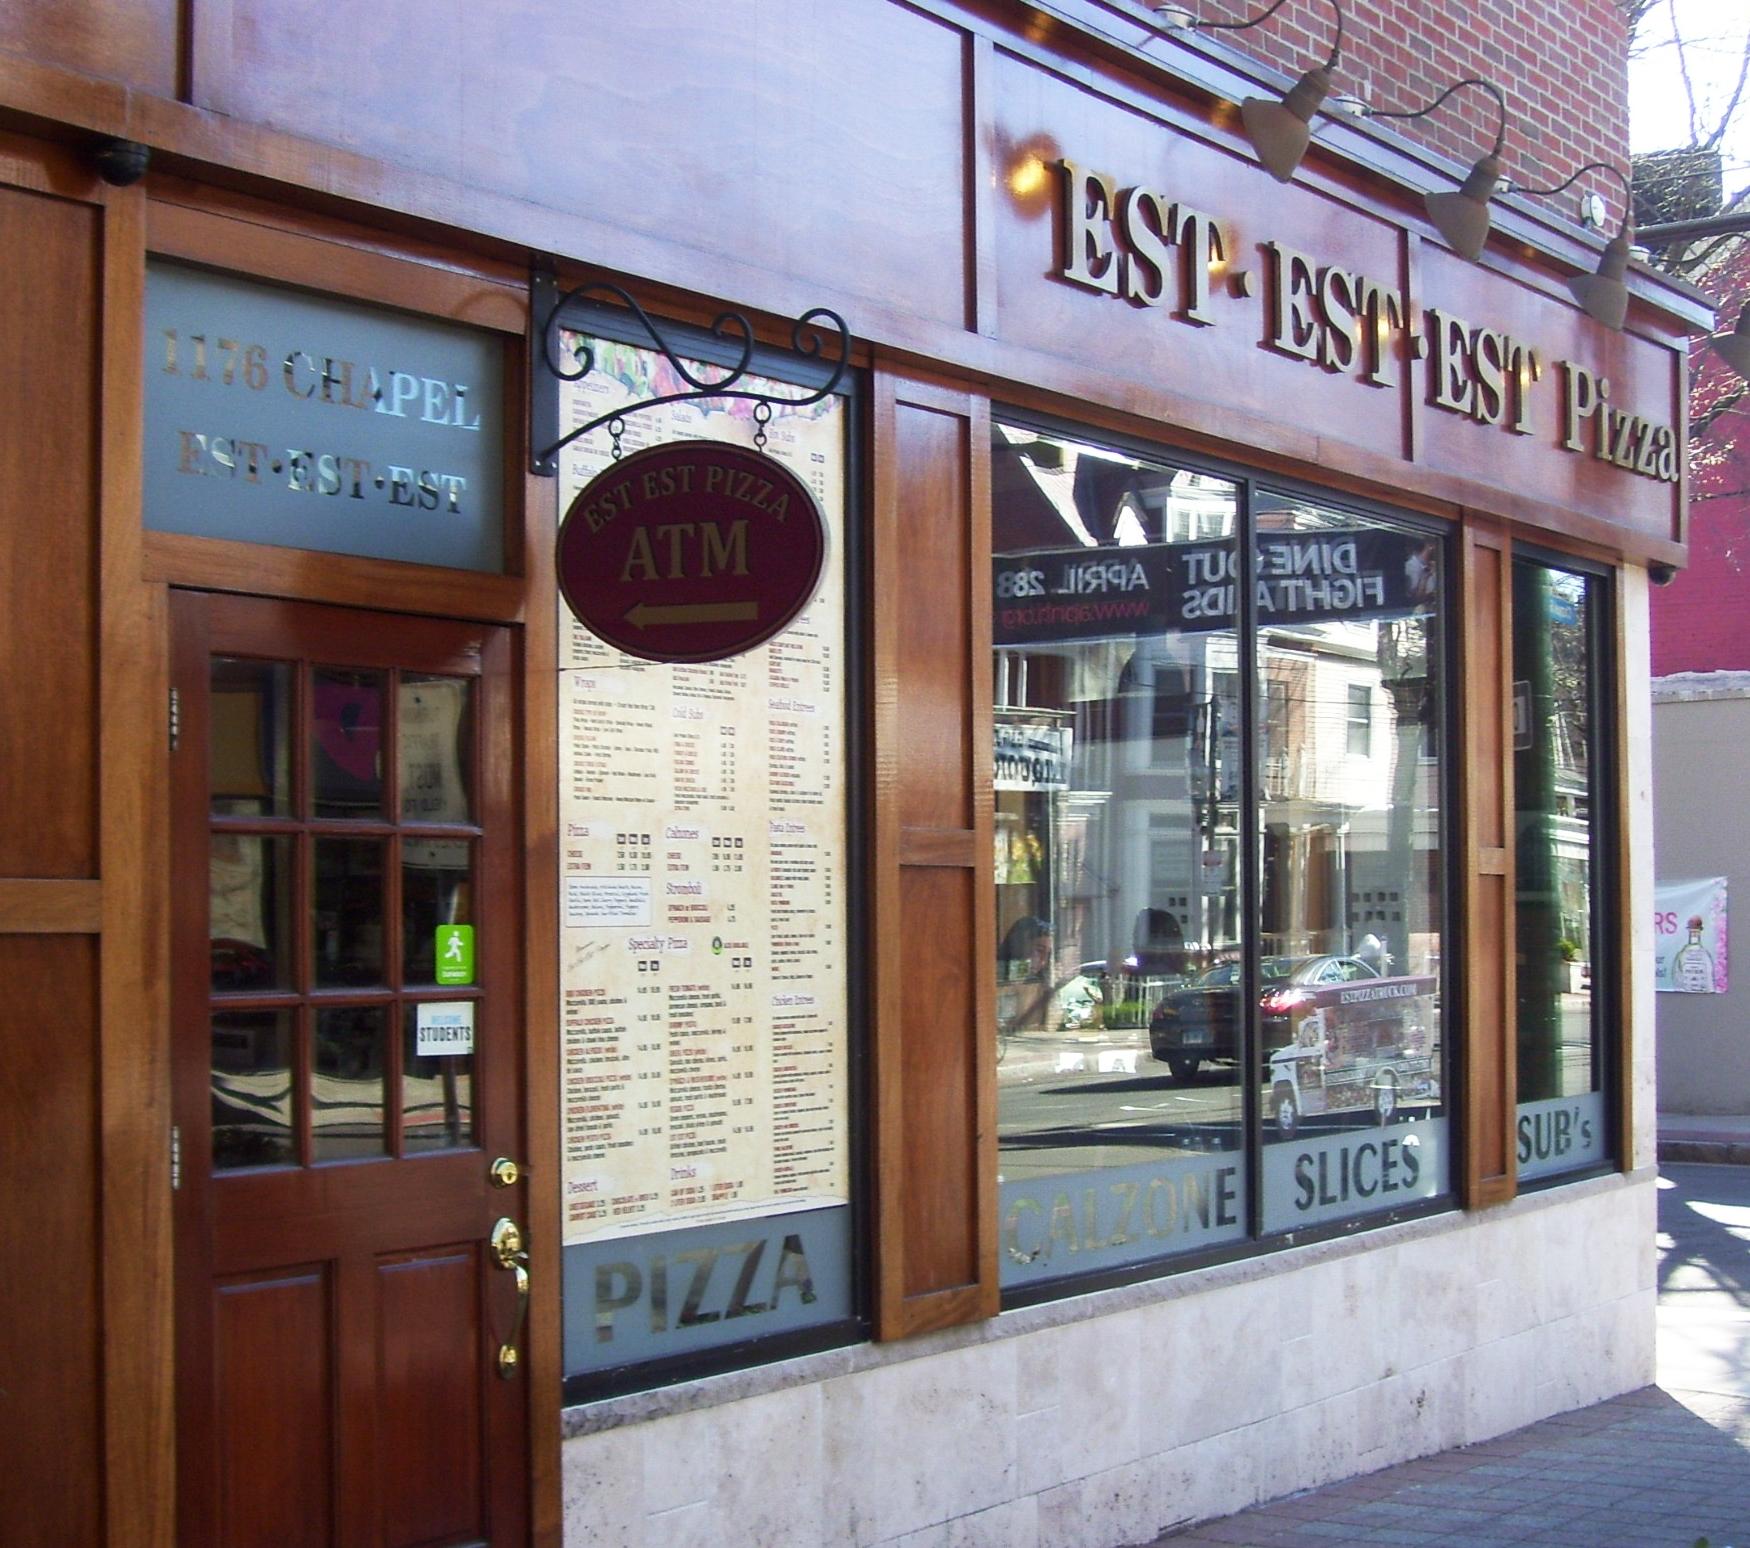 EST EST EST 1176 Chapel street (203) 777-2059